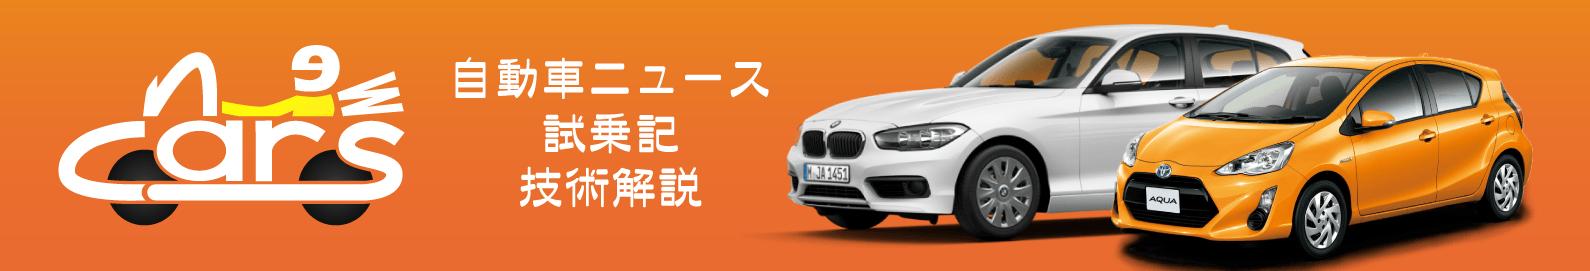 newcars.jp(ニューカーズ)